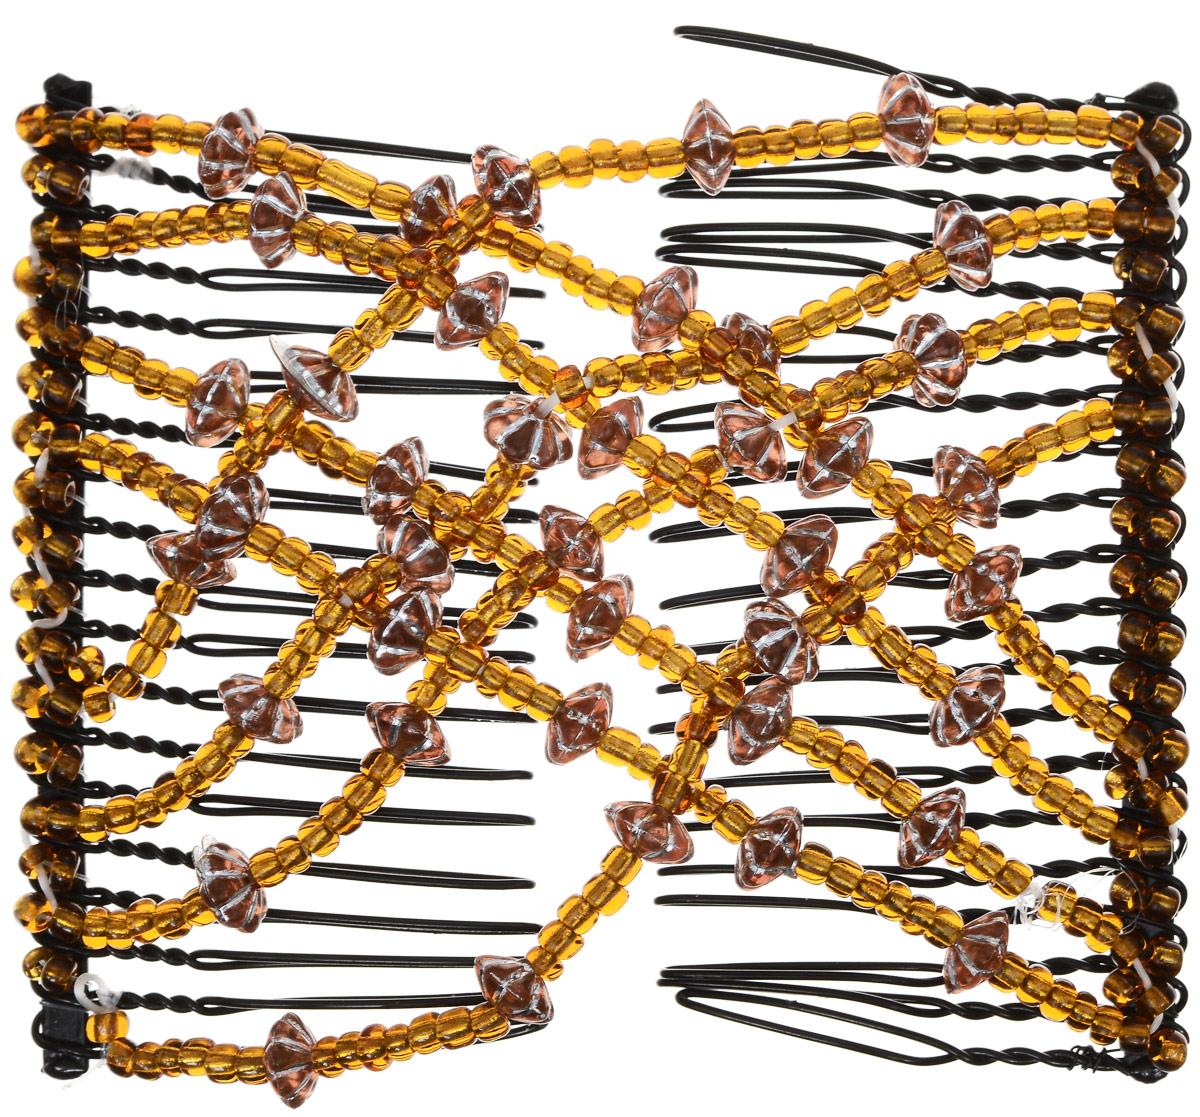 EZ-Combs Заколка Изи-Комбс, одинарная, цвет: коричневый. ЗИО_цветок с серебром3065Удобная и практичная EZ-Combs подходит для любого типа волос: тонких, жестких, вьющихся или прямых, и не наносит им никакого вреда. Заколка не мешает движениям головы и не создает дискомфорта, когда вы отдыхаете или управляете автомобилем. Каждый гребень имеет по 20 зубьев для надежной фиксации заколки на волосах! И даже во время бега и интенсивных тренировок в спортзале EZ-Combs не падает; она прочно фиксирует прическу, сохраняя укладку в первозданном виде.Небольшая и легкая заколка для волос EZ-Combs поместится в любой дамской сумочке, позволяя быстро и без особых усилий создавать неповторимые прически там, где вам это удобно. Гребень прекрасно сочетается с любой одеждой: будь это классический или спортивный стиль, завершая гармоничный облик современной леди. И неважно, какой образ жизни вы ведете, если у вас есть EZ-Combs, вы всегда будете выглядеть потрясающе.